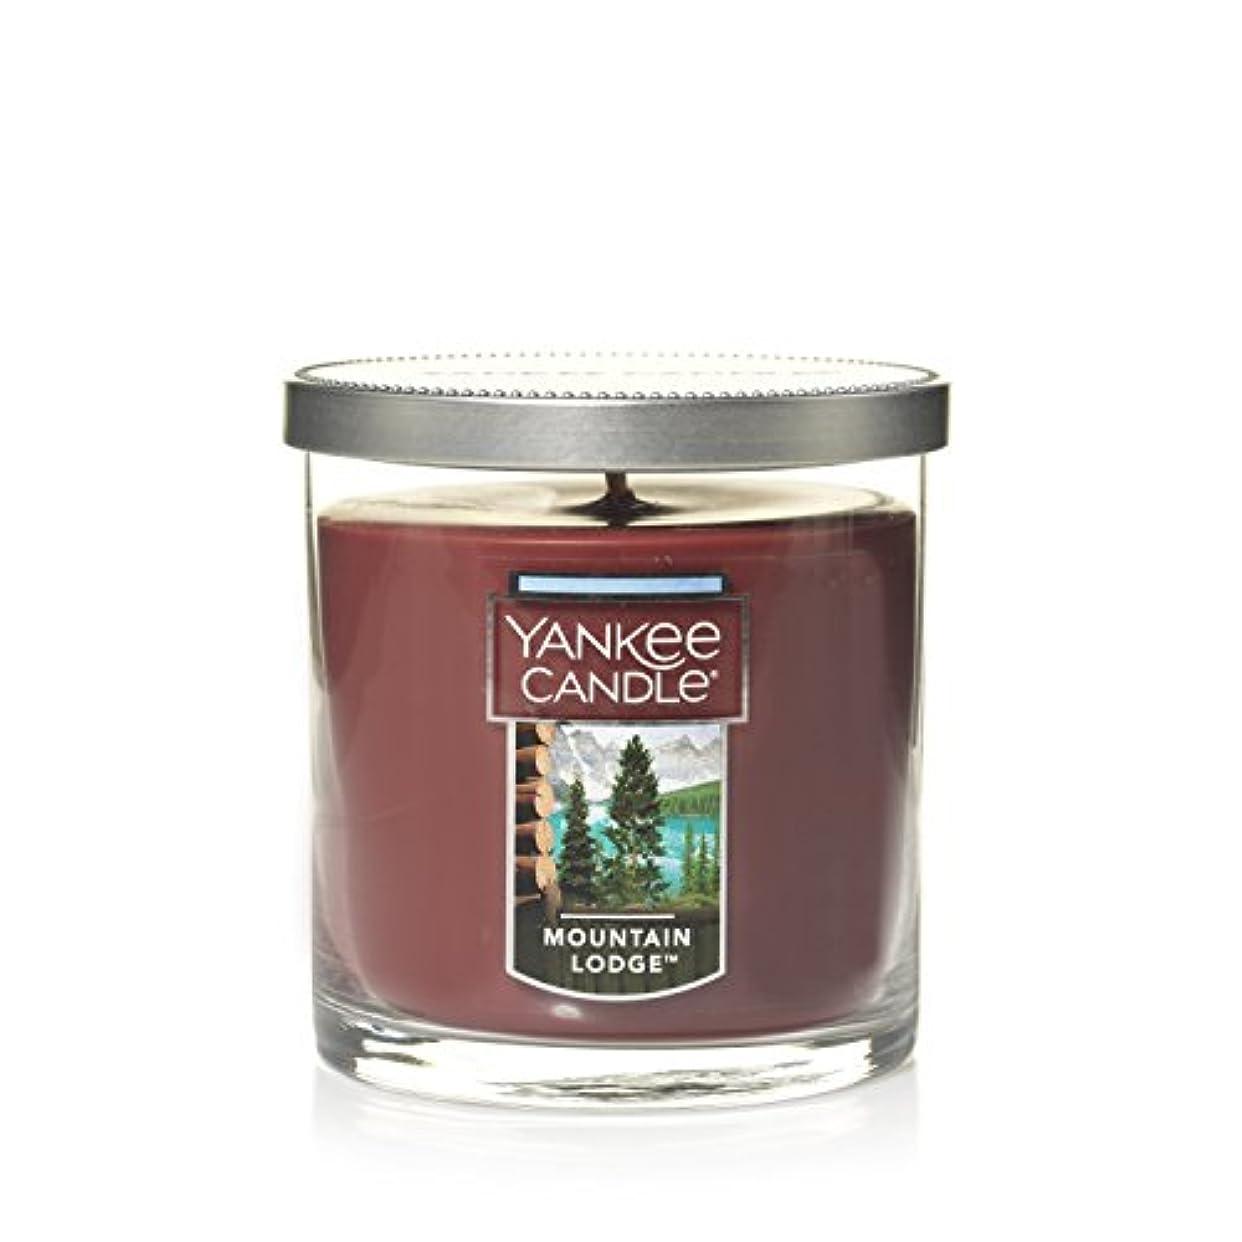 教育する風変わりなホームレスYankee Candle Lサイズ ジャーキャンドル、マウンテンロッジ Small Tumbler Candle ブラウン 1187963Z